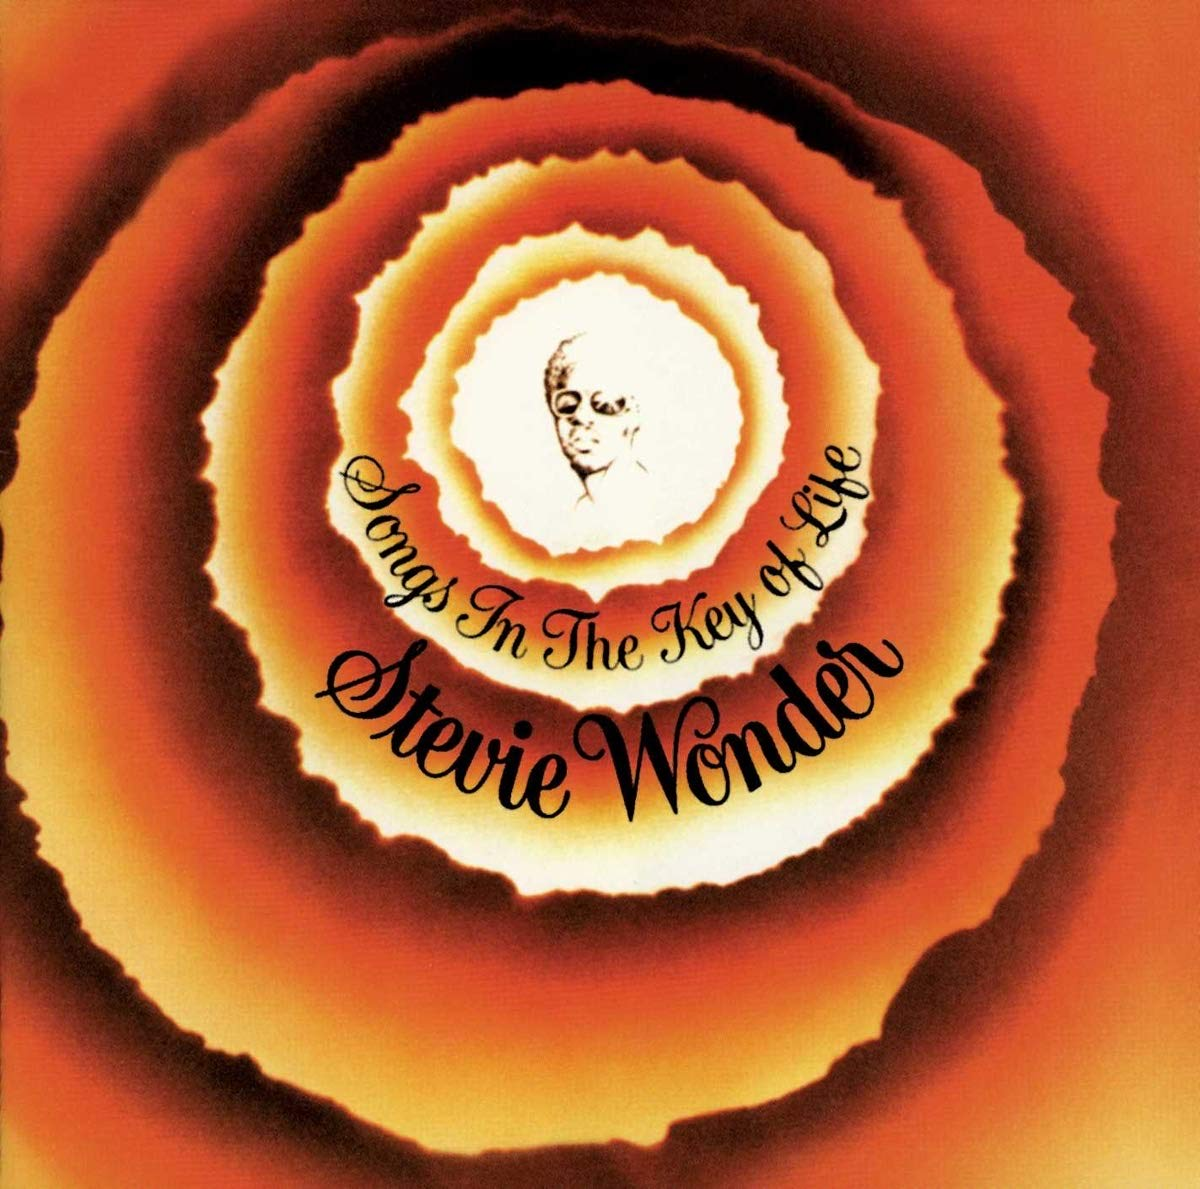 Songs-in-the-Key-of-Life-Stevie-Wonder--1624565165